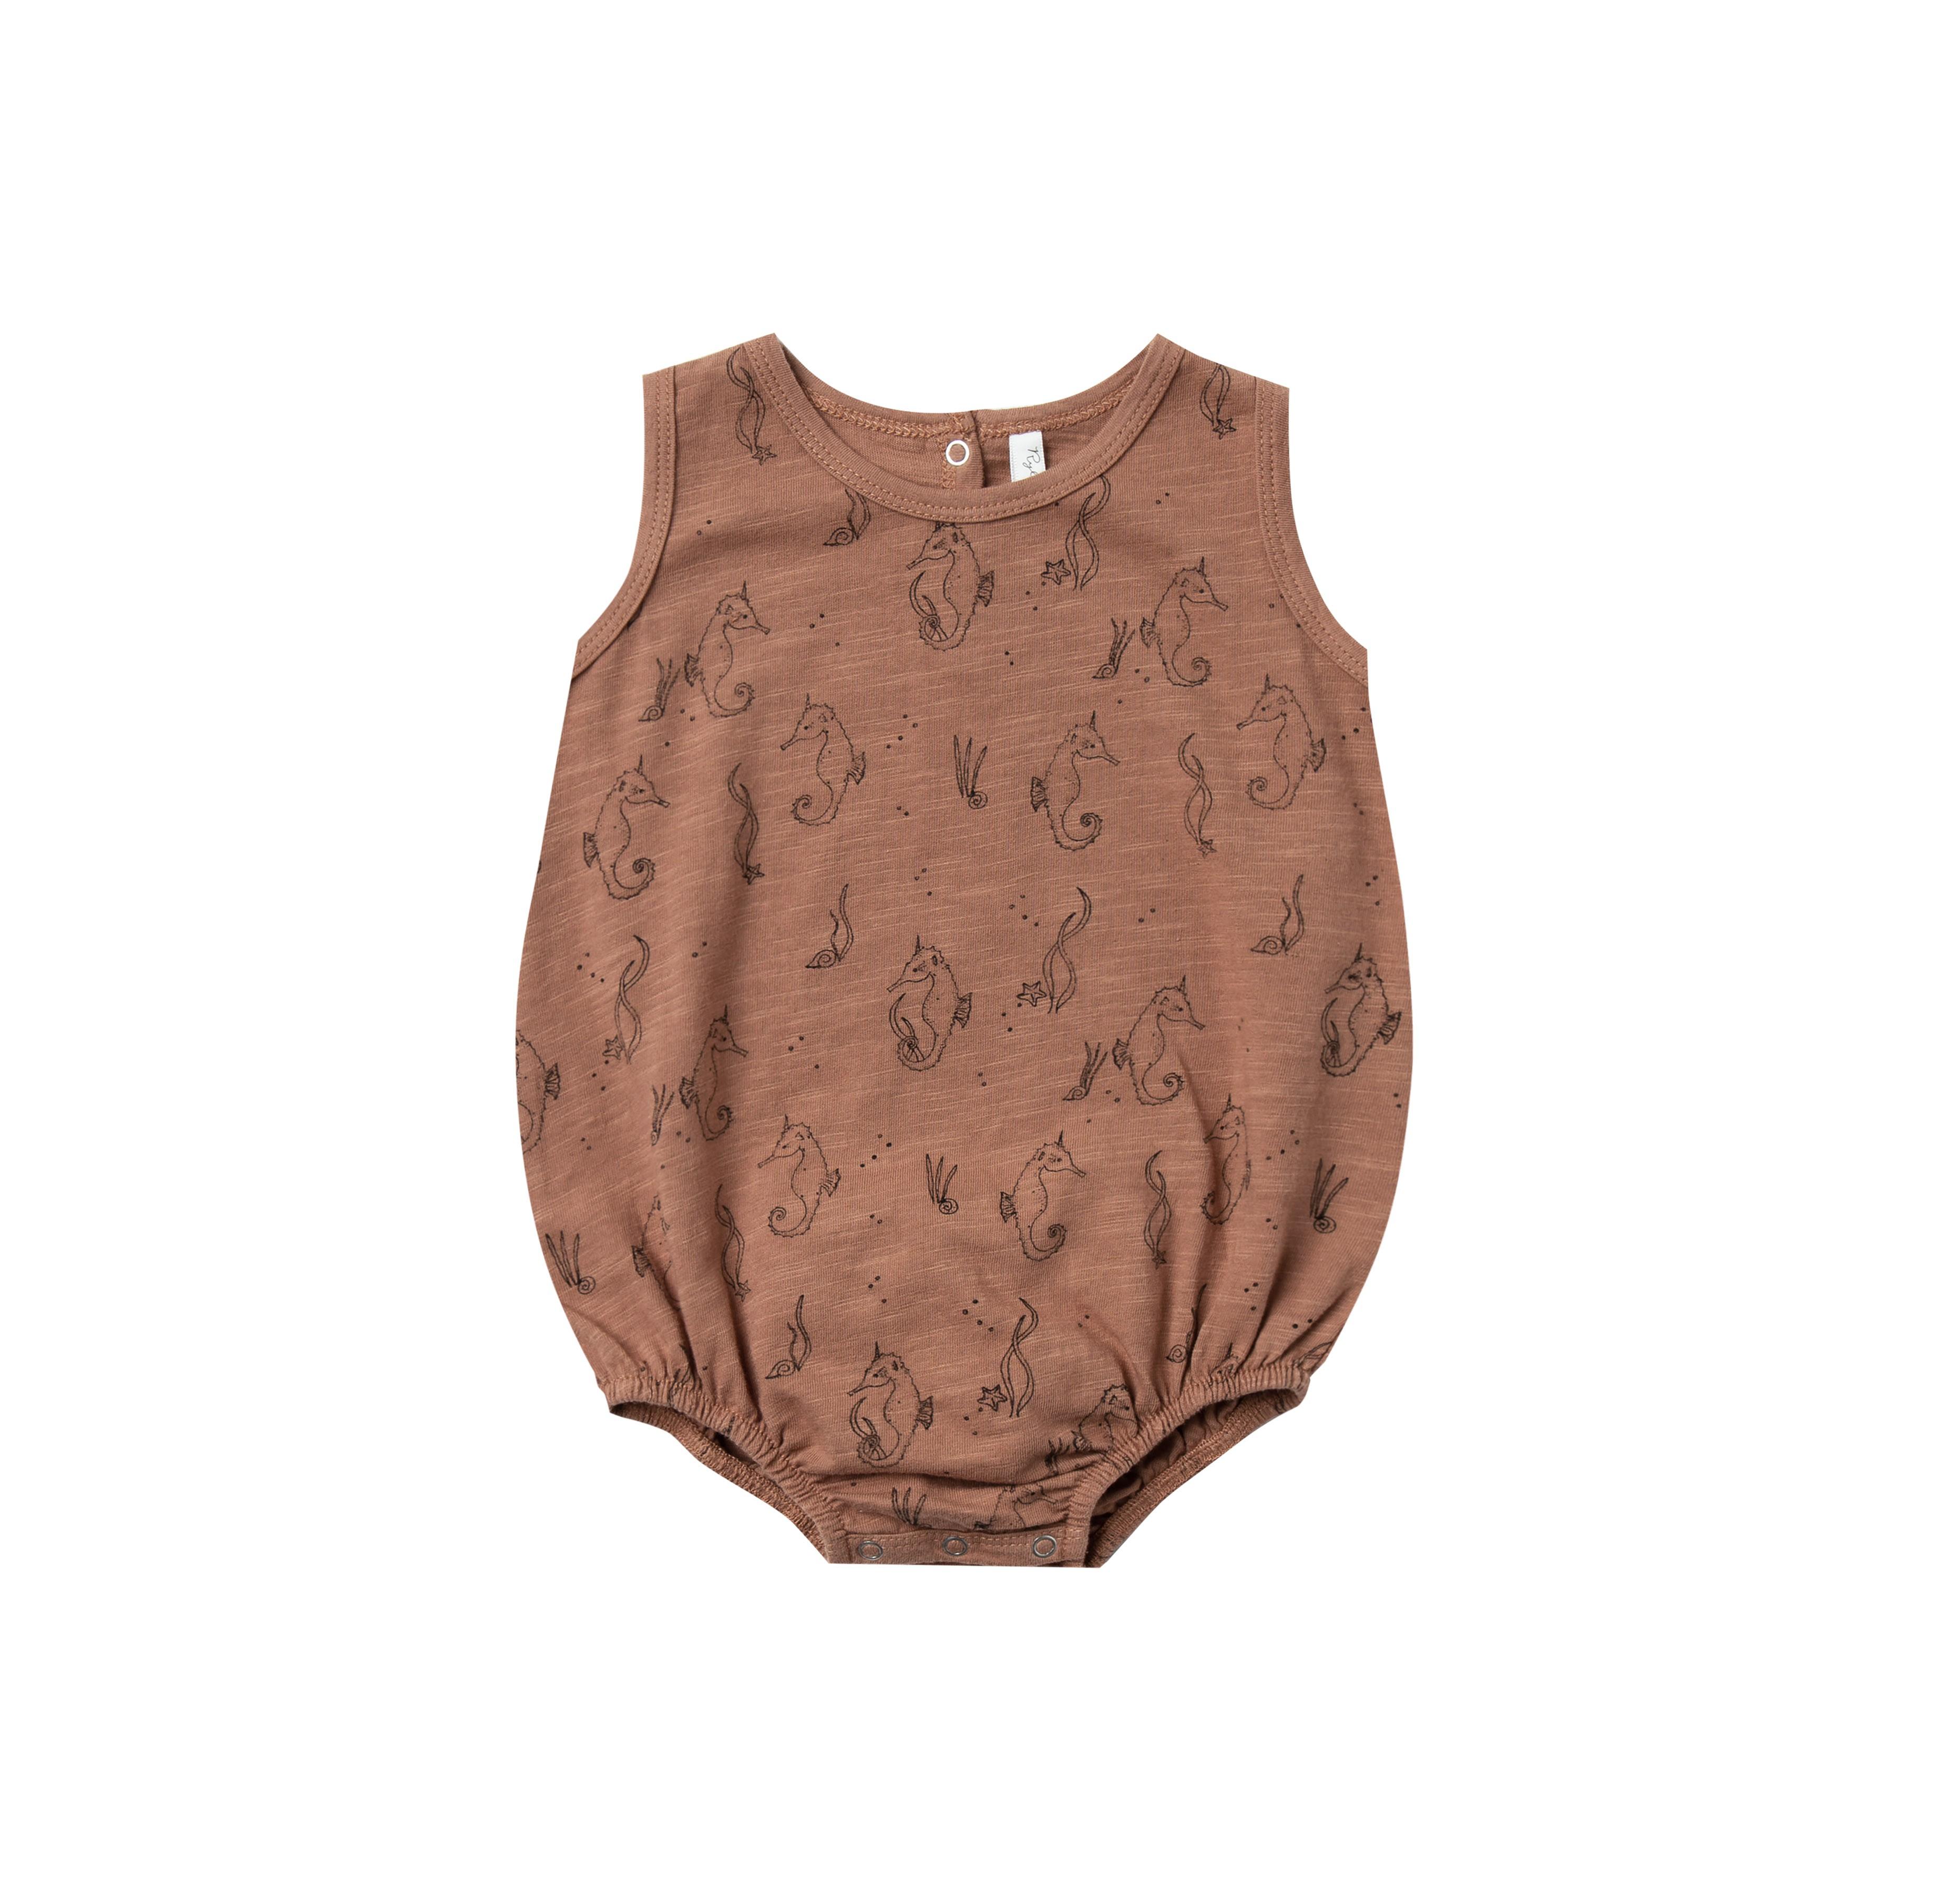 Zeepaard onesie